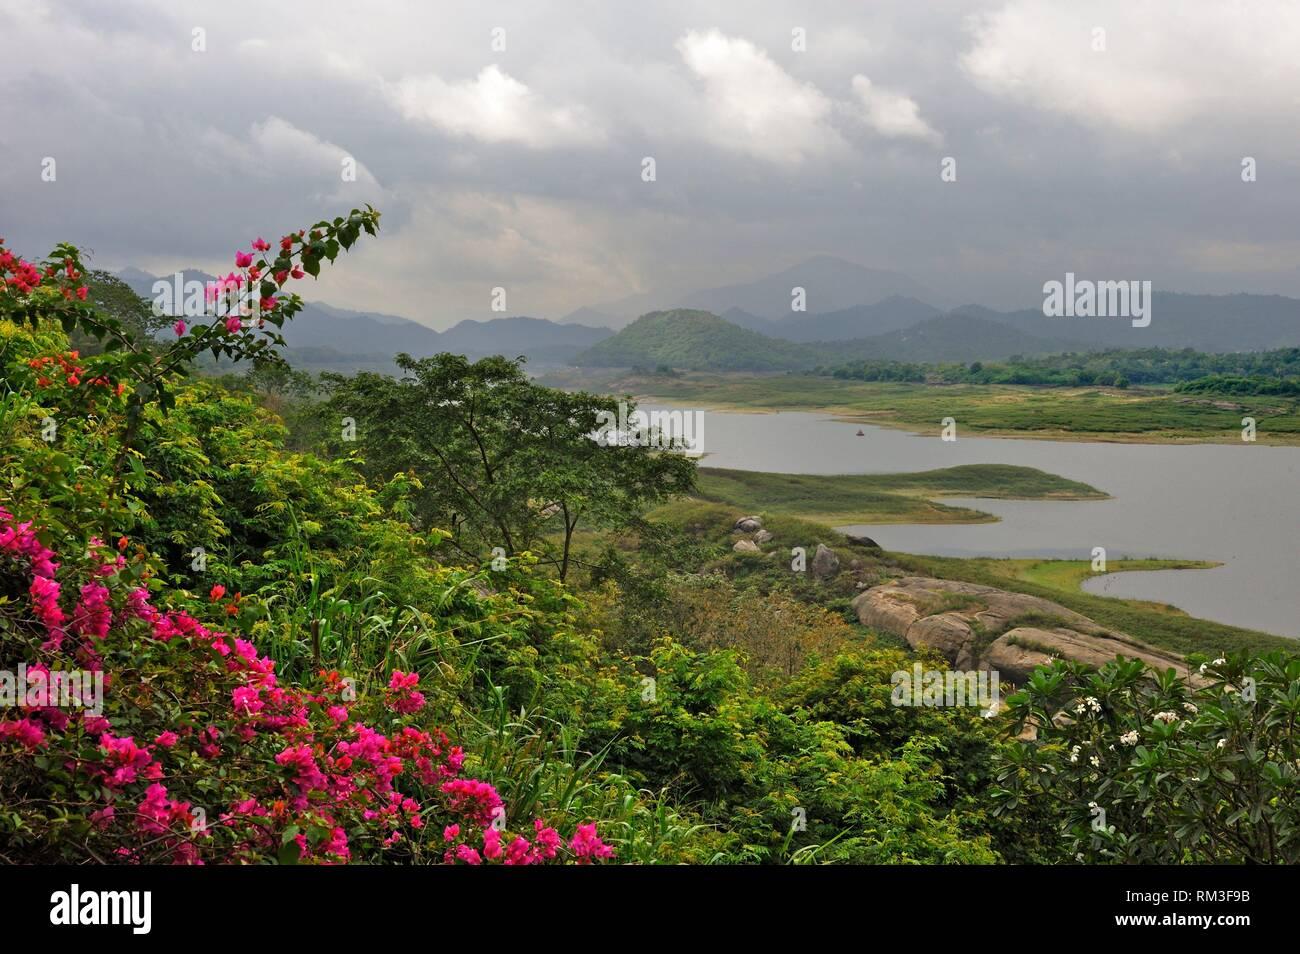 Sri Lanka, Indischer Subkontinent, Südasien. Stockfoto